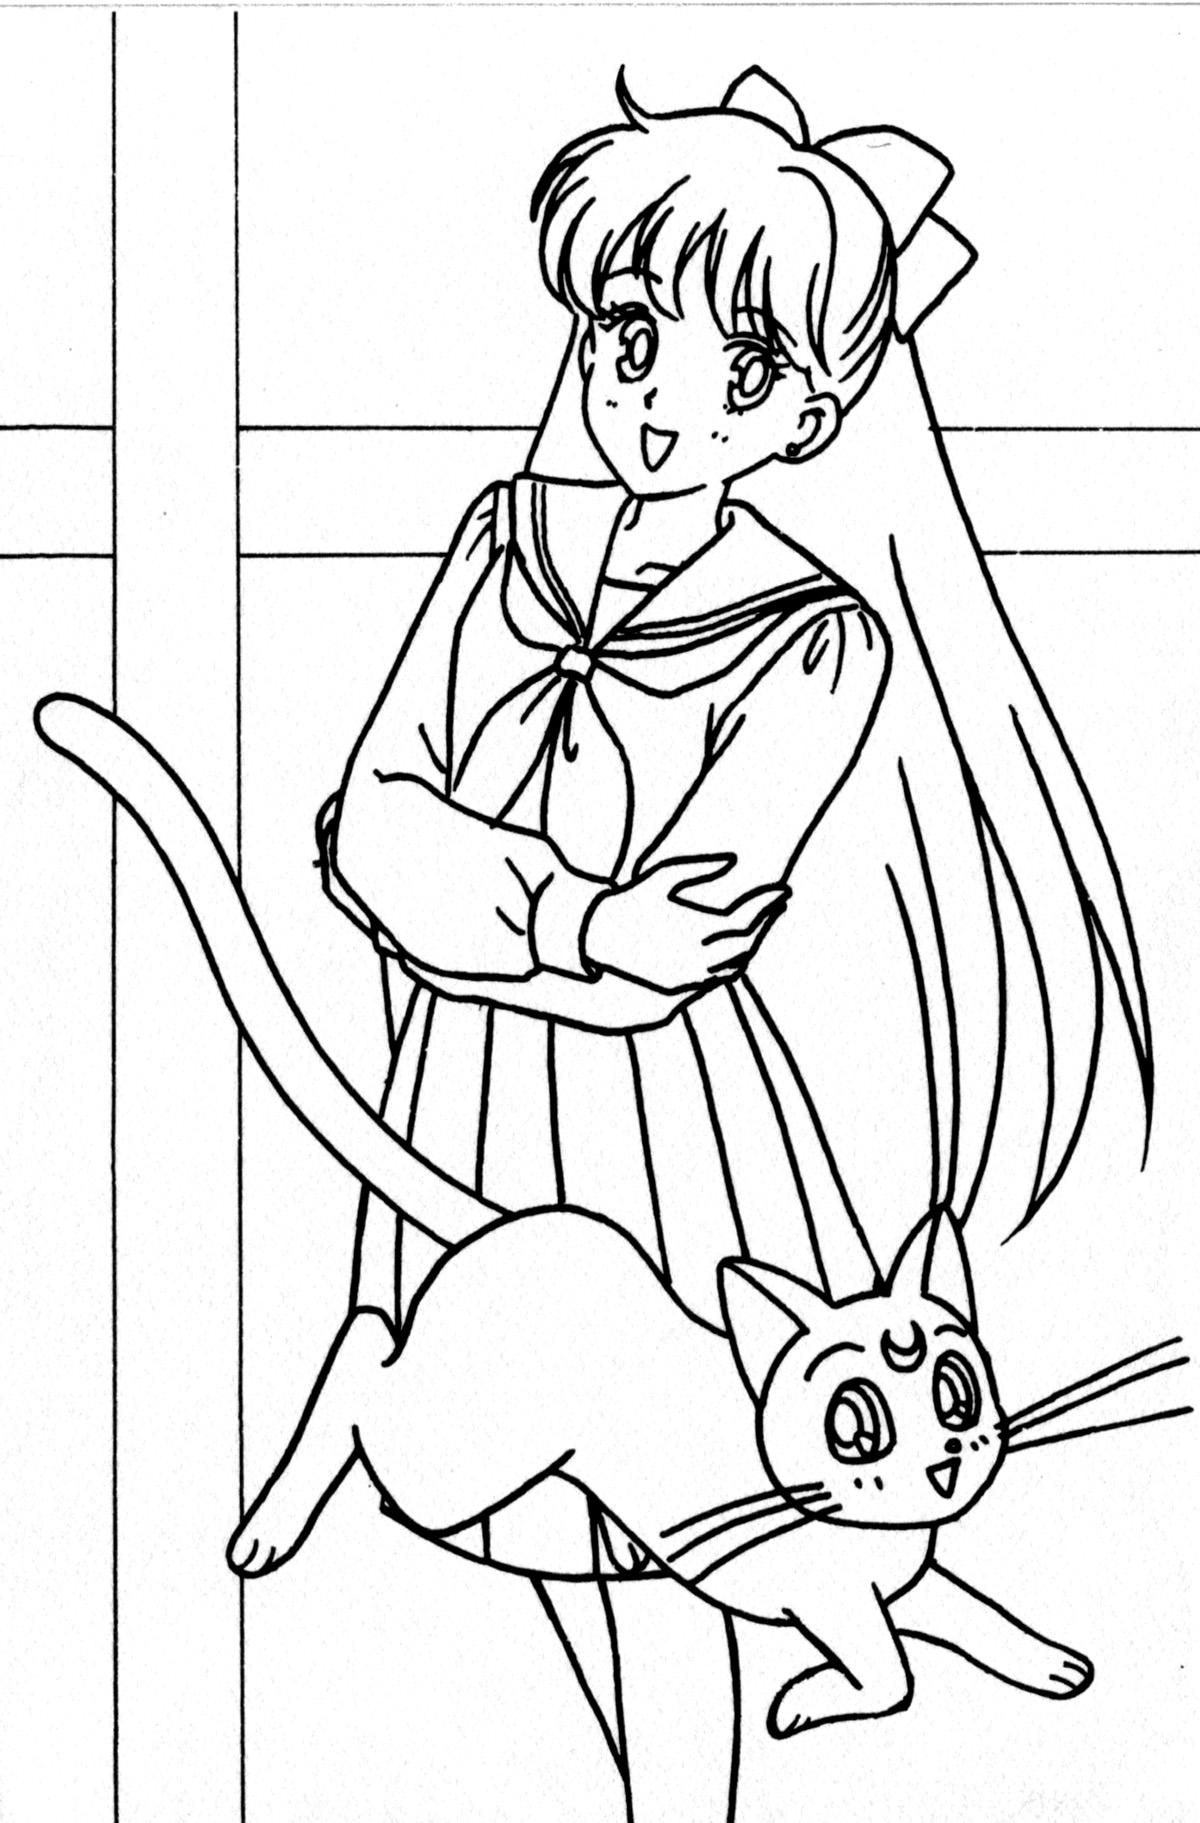 Coloring Pages Sailor Venus Coloring Pages sailor venus coloring pages eassume com posters mina